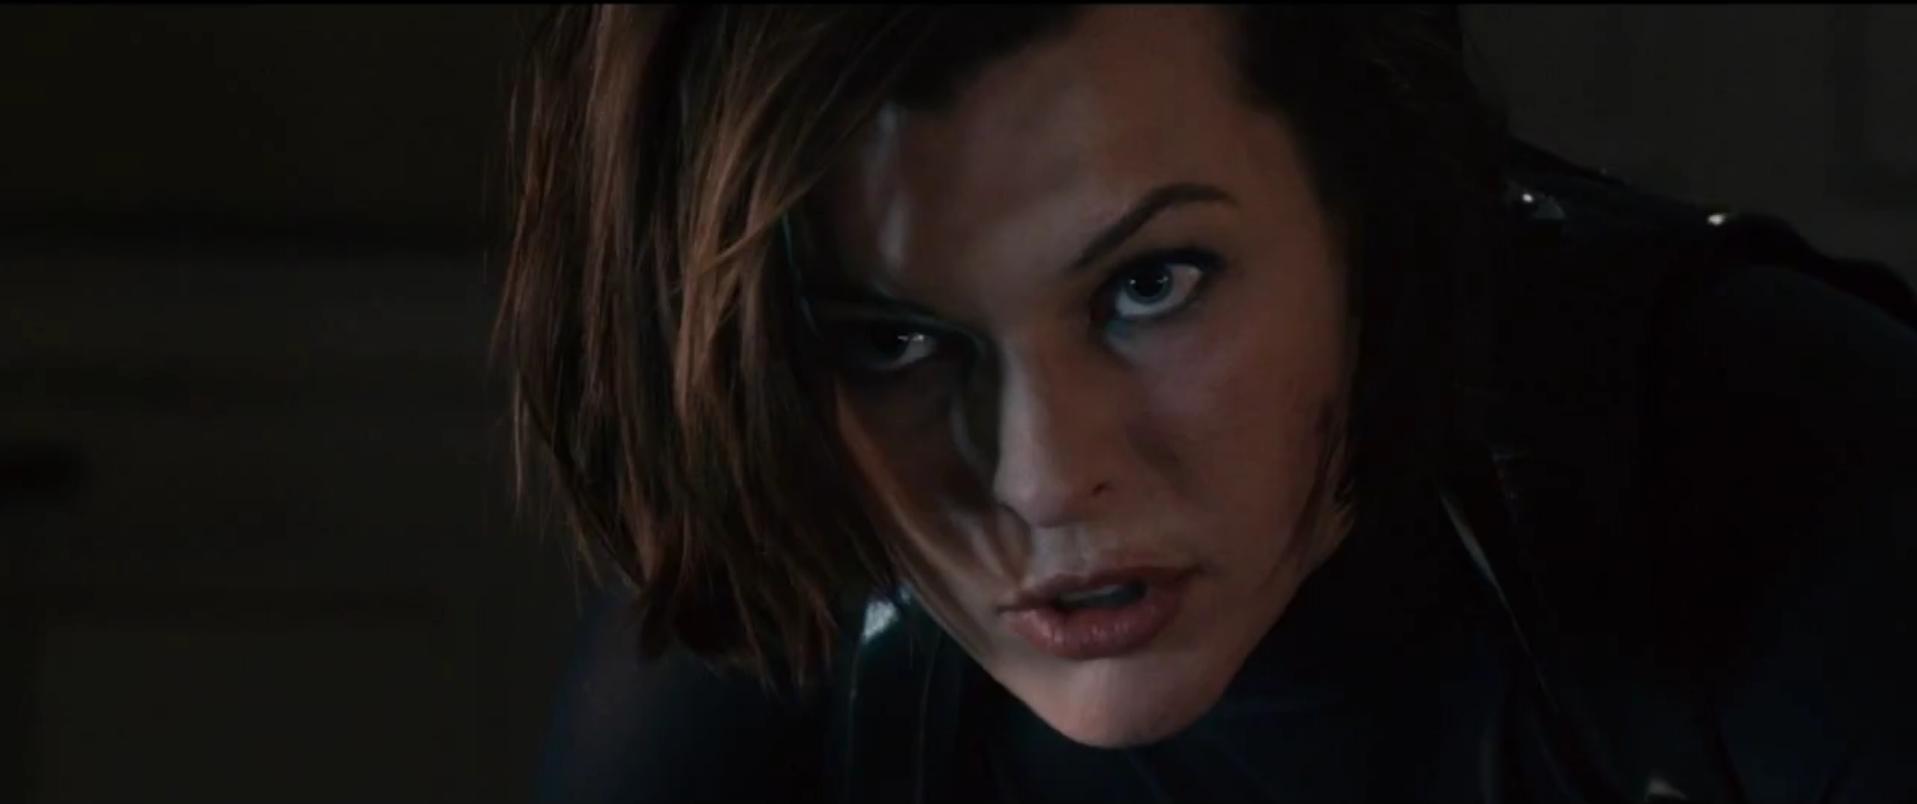 Alice Abernathy Resident Evil 3D 2012